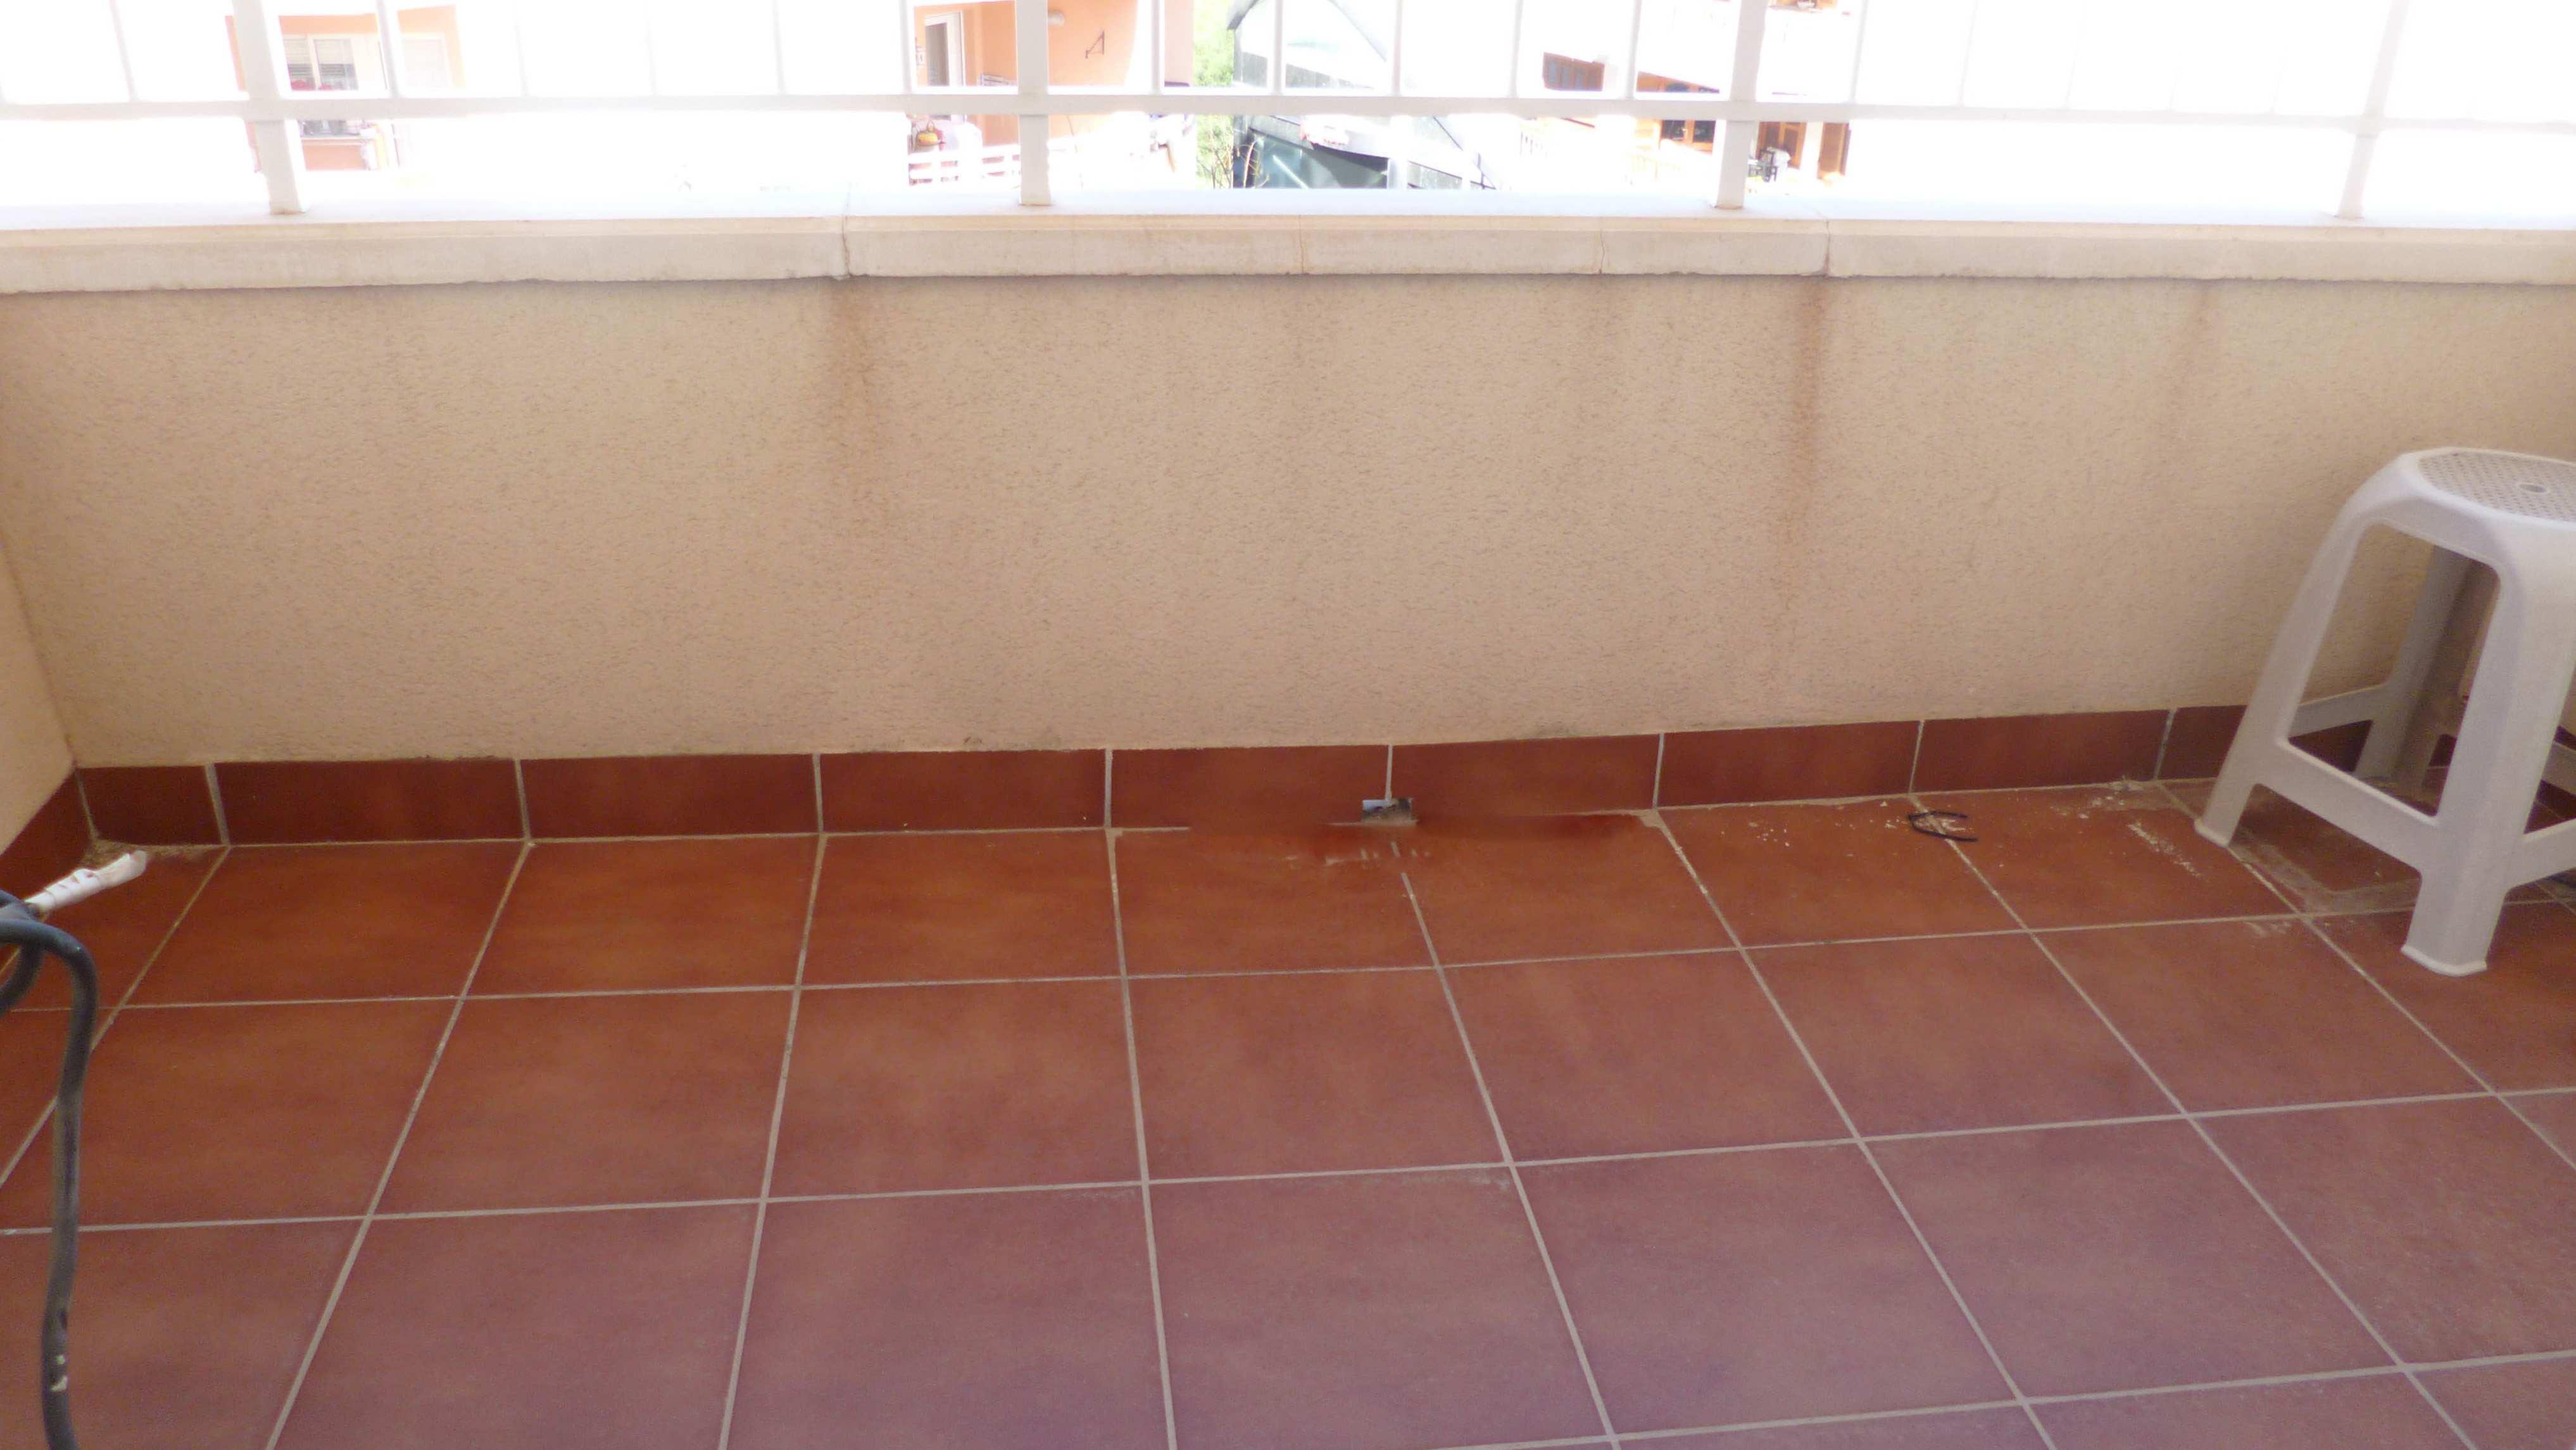 vitalcasa-propiedades_57512ecbbaf83-source